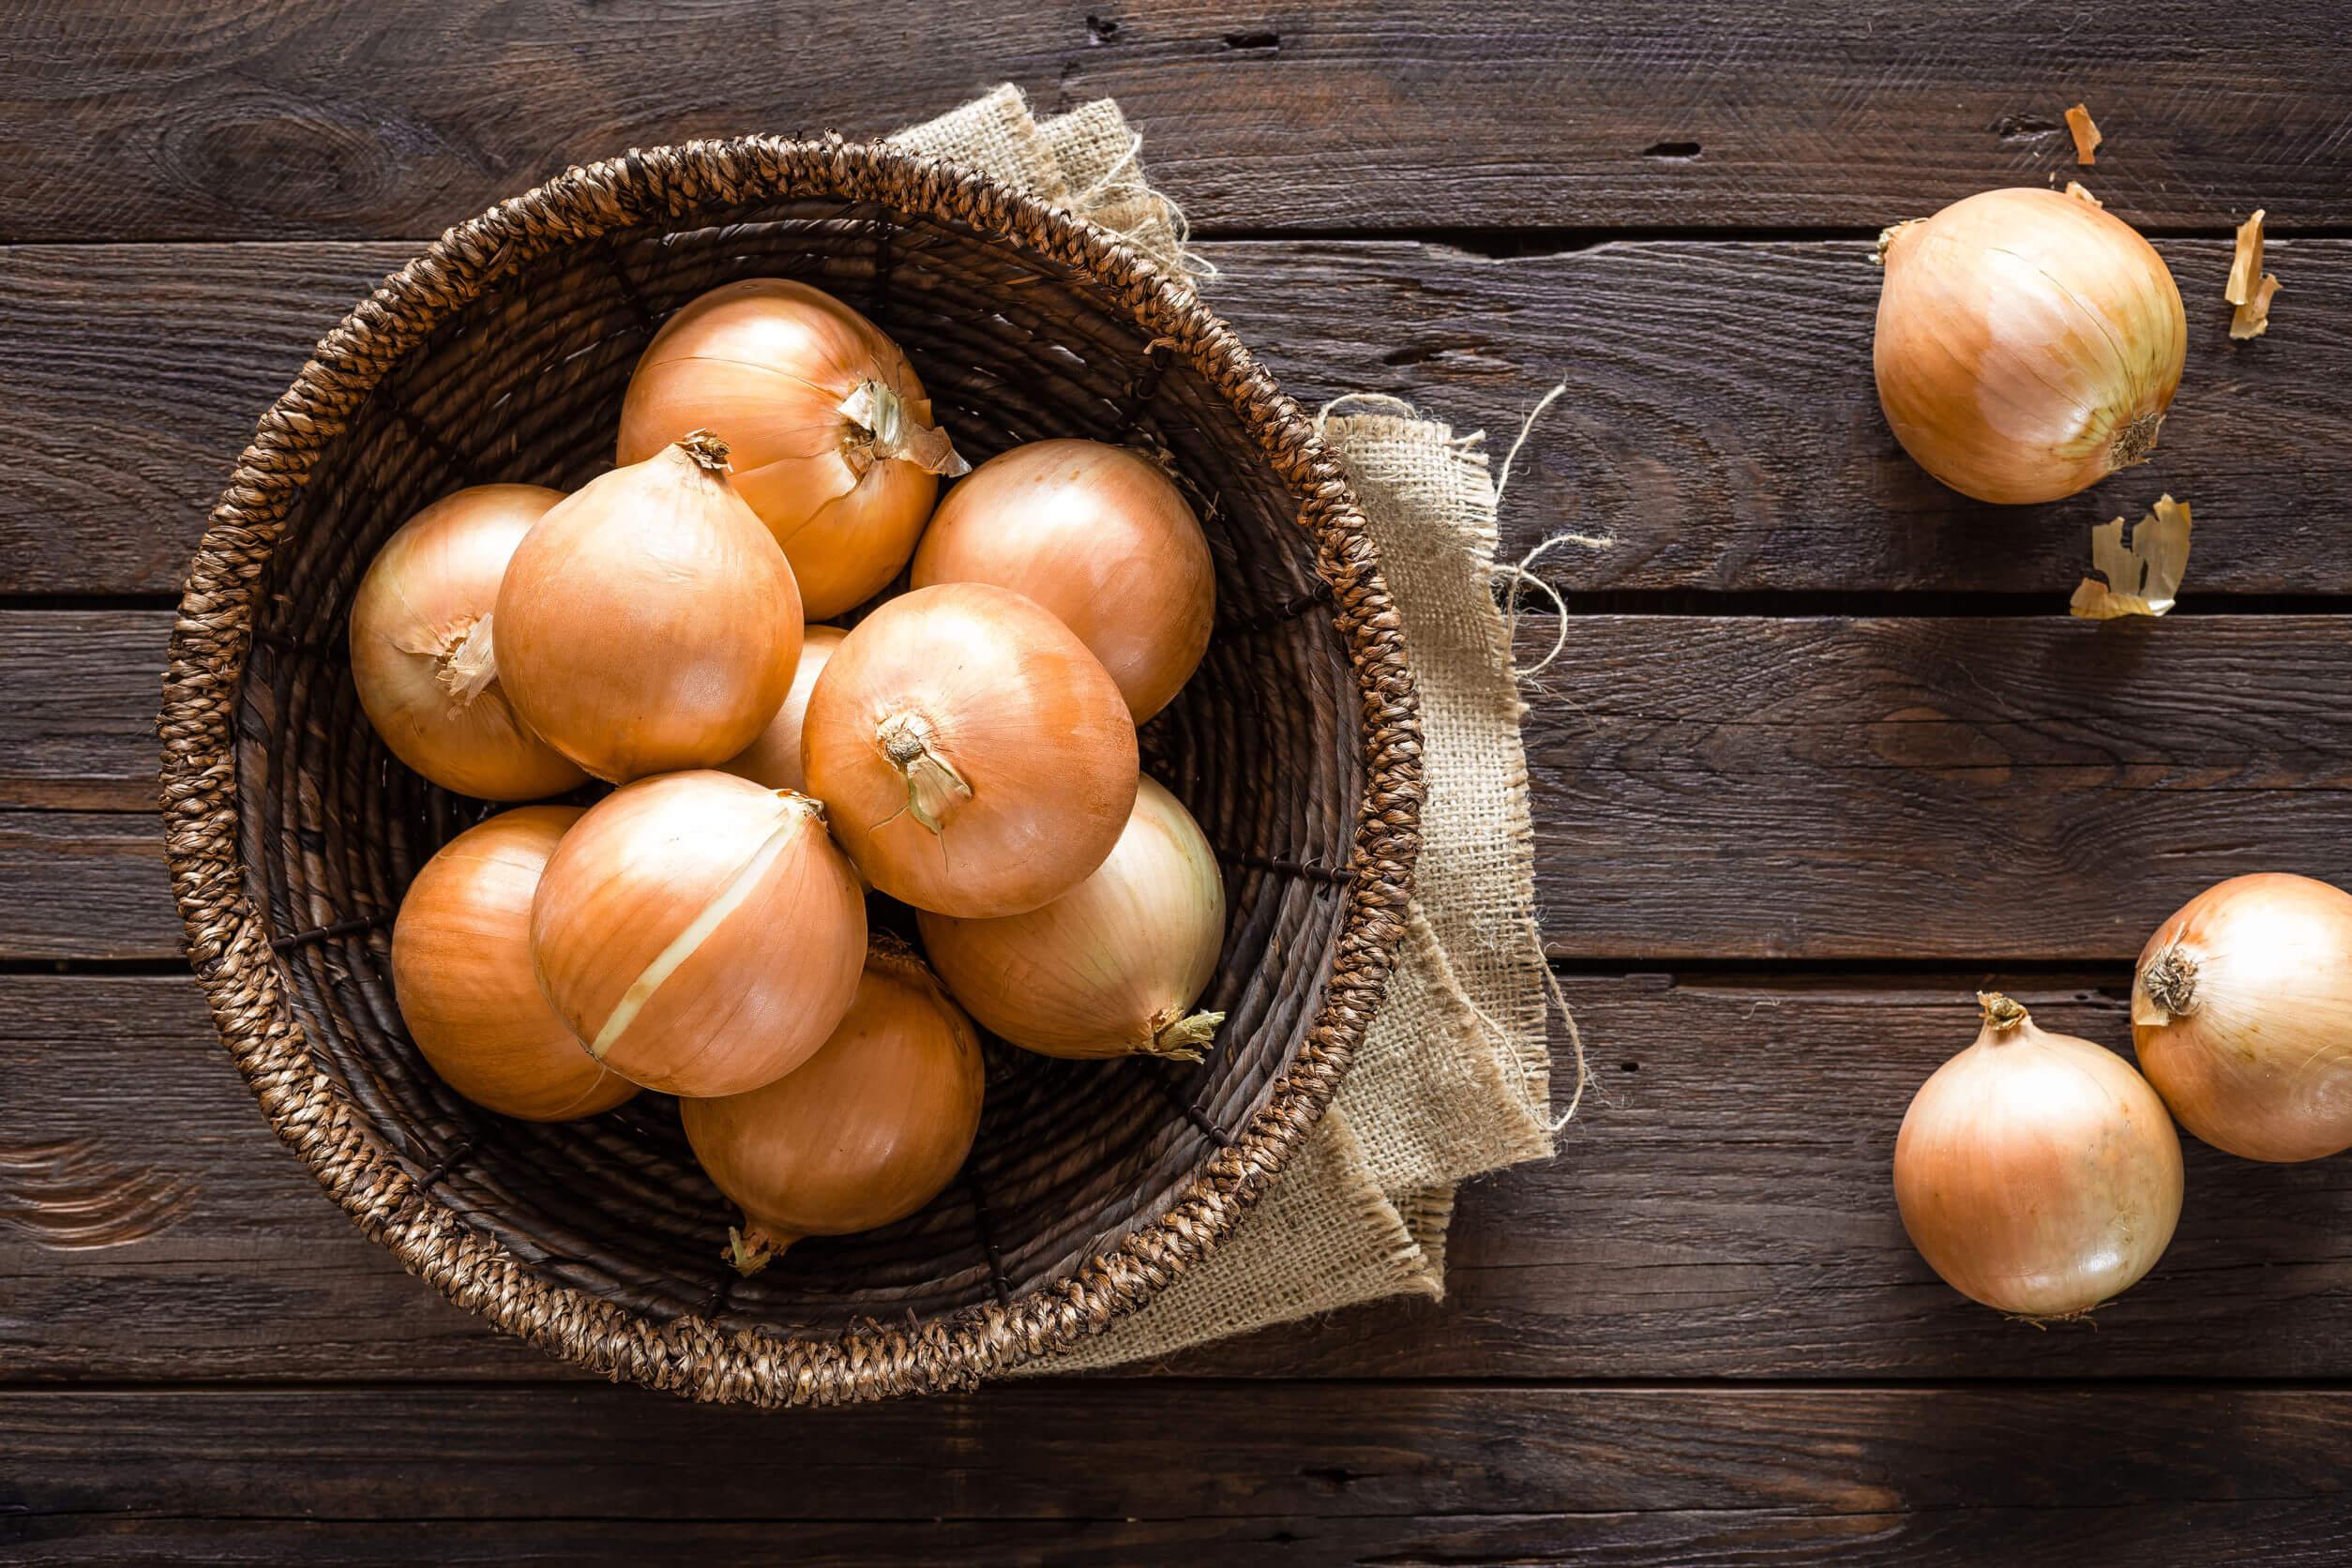 ¿Cómo usar la cebolla para la otitis?